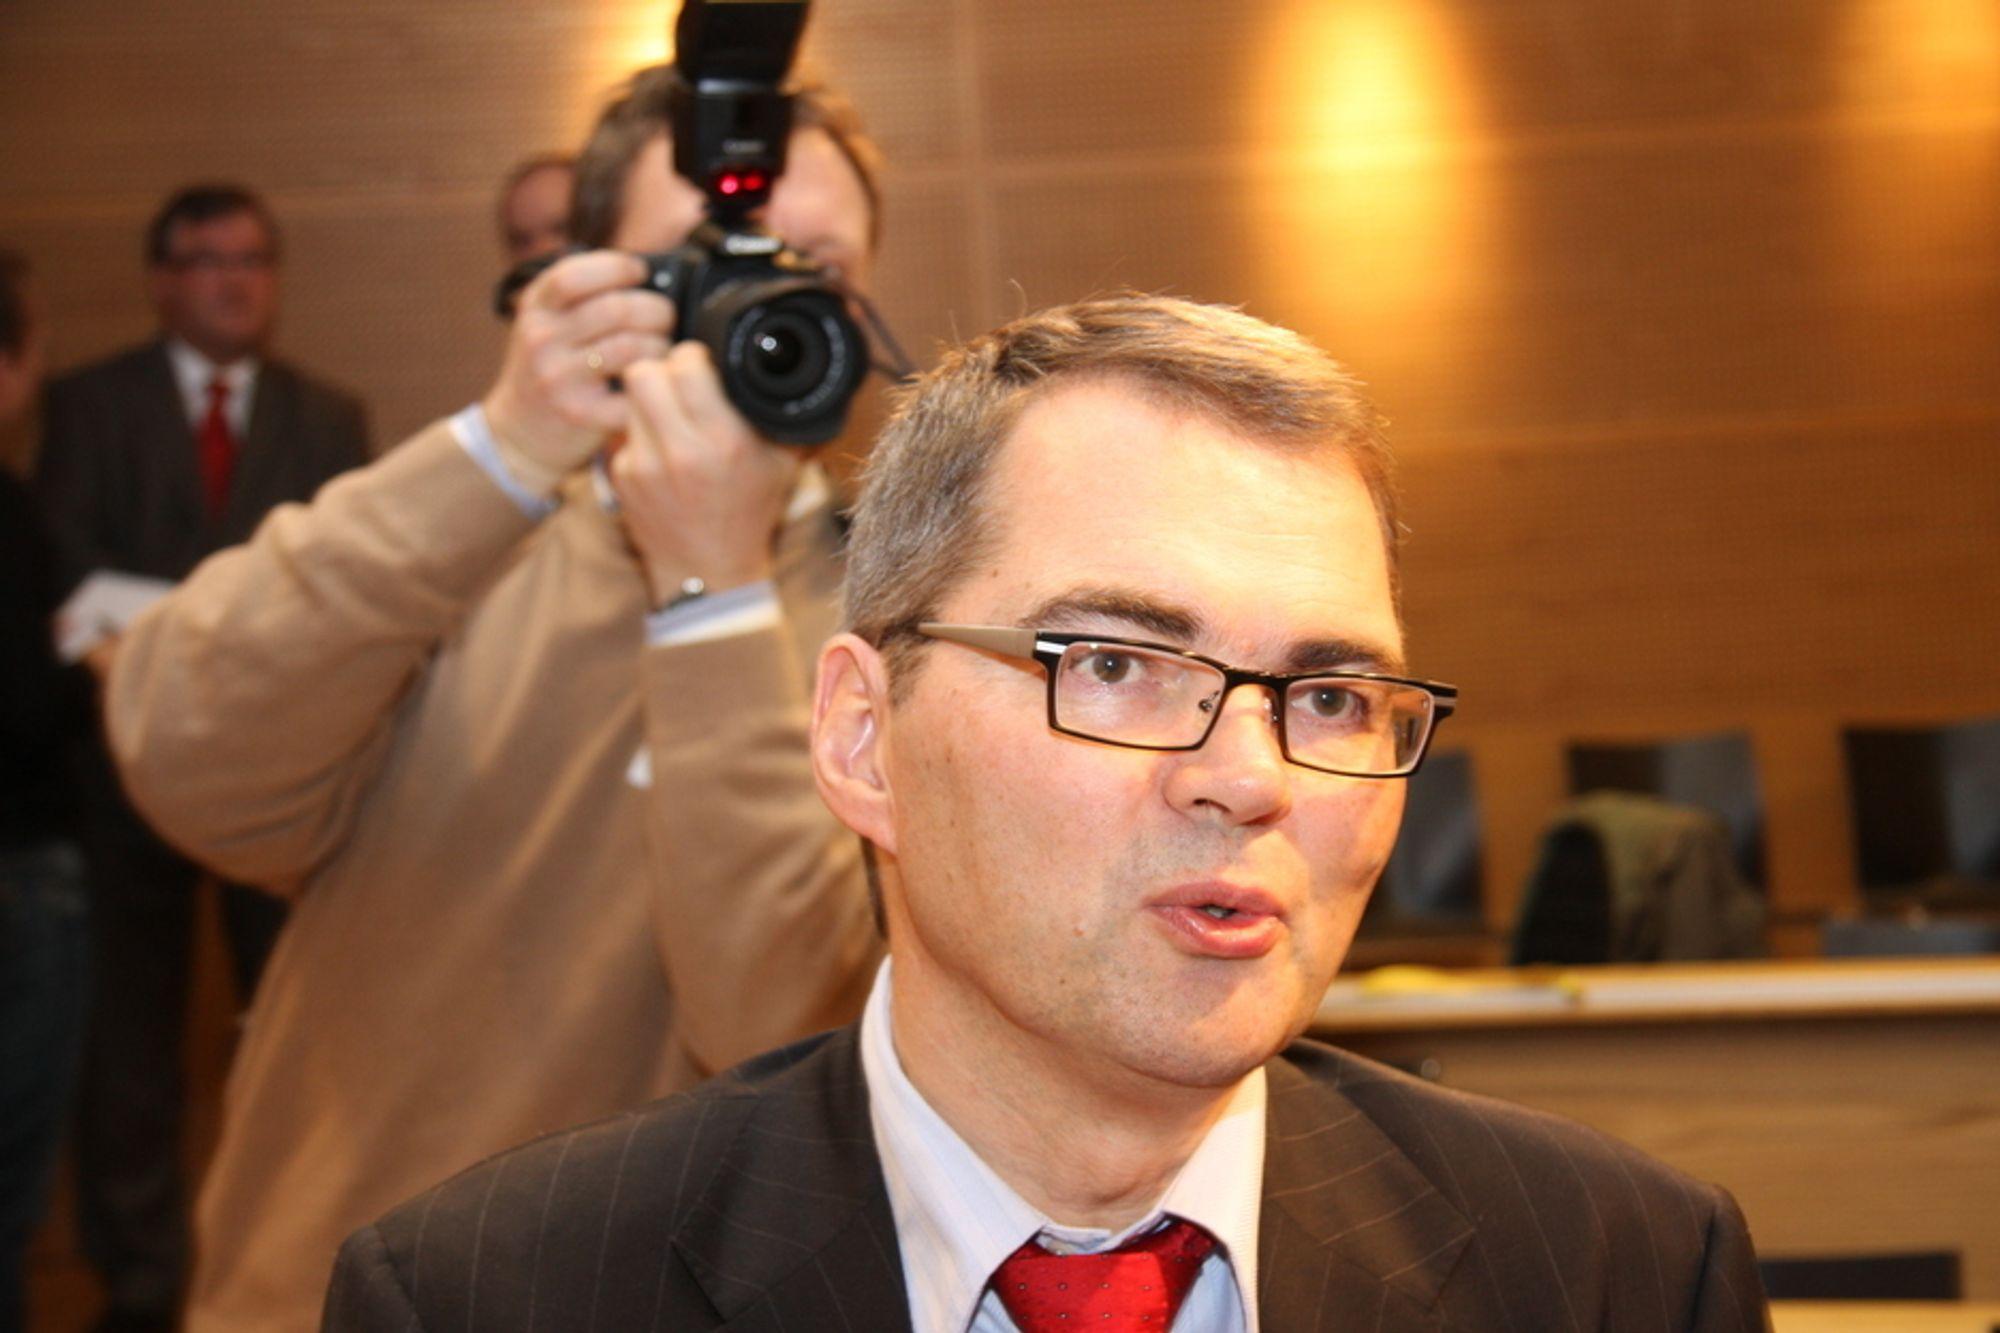 Hydros nye konsernsjef Svein Richard Brandtzæg er sivilingeniør. Eivind Reiten var på sin side sosialøkonom. Flere teknologer i sjefsstolene er en utvikling man kan se i flere norske bedrifter.